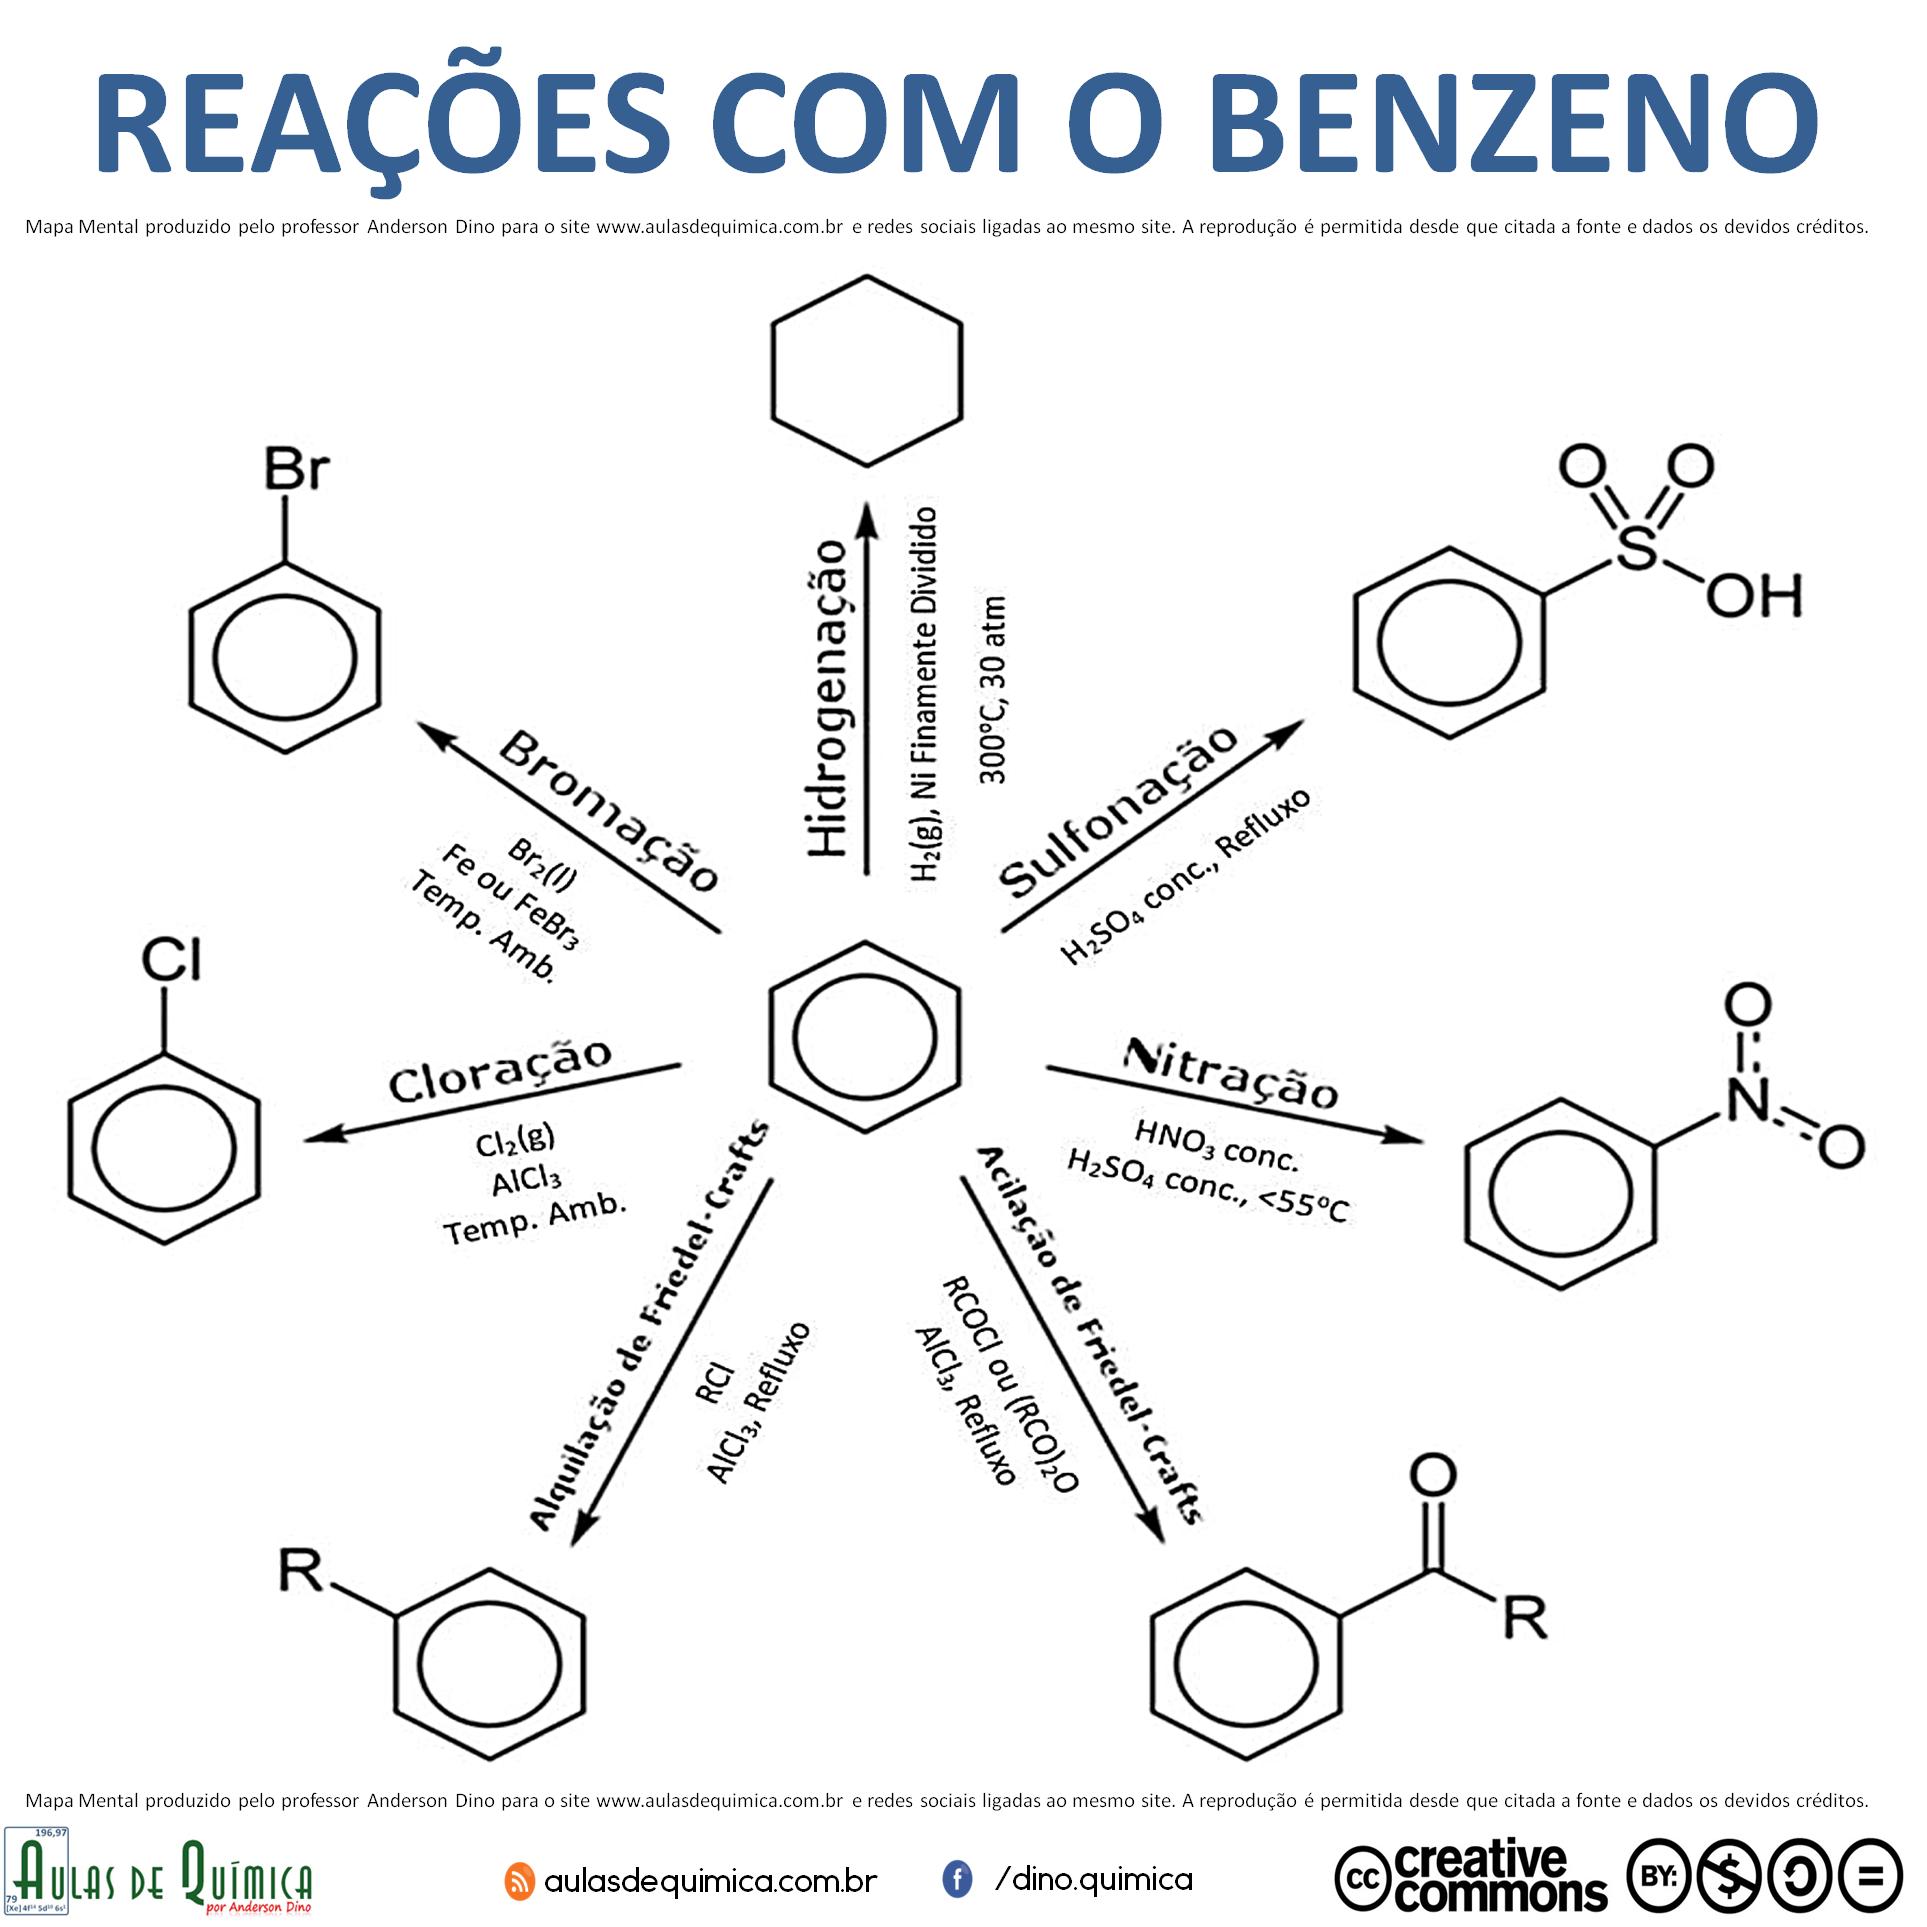 reacoes_com_o_benzeno